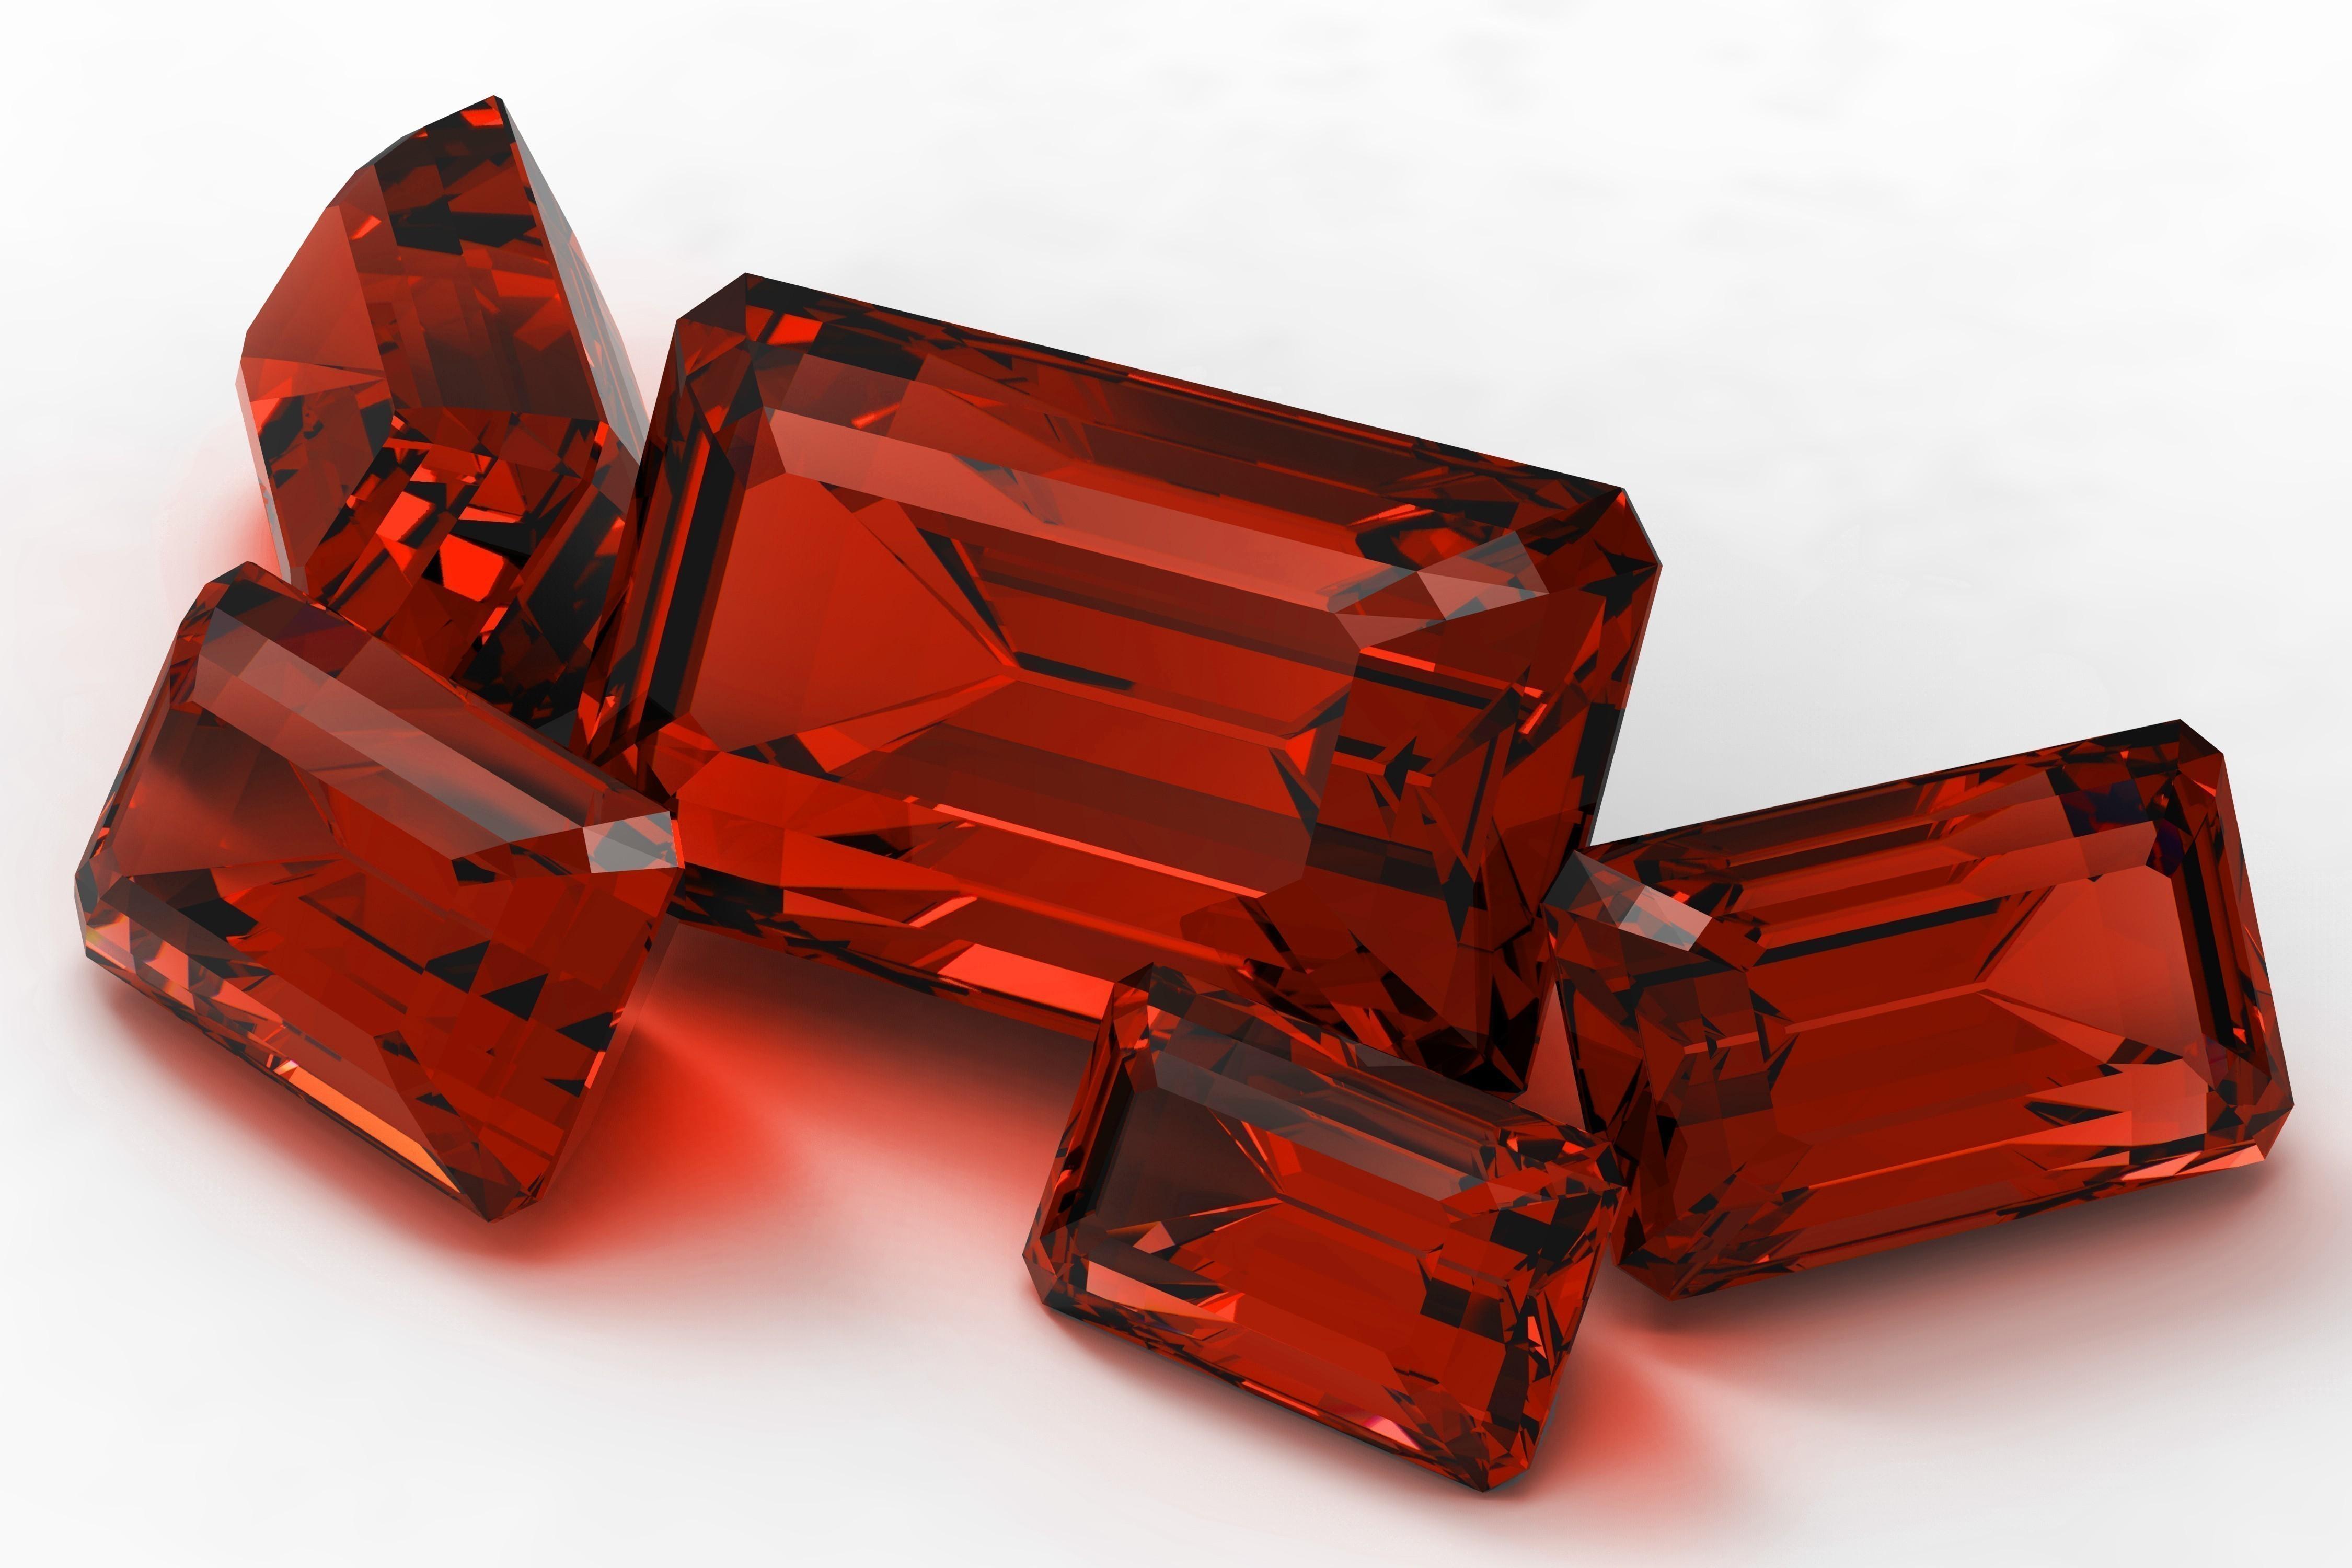 Ювелирный красный камень - разновидности самоцветов